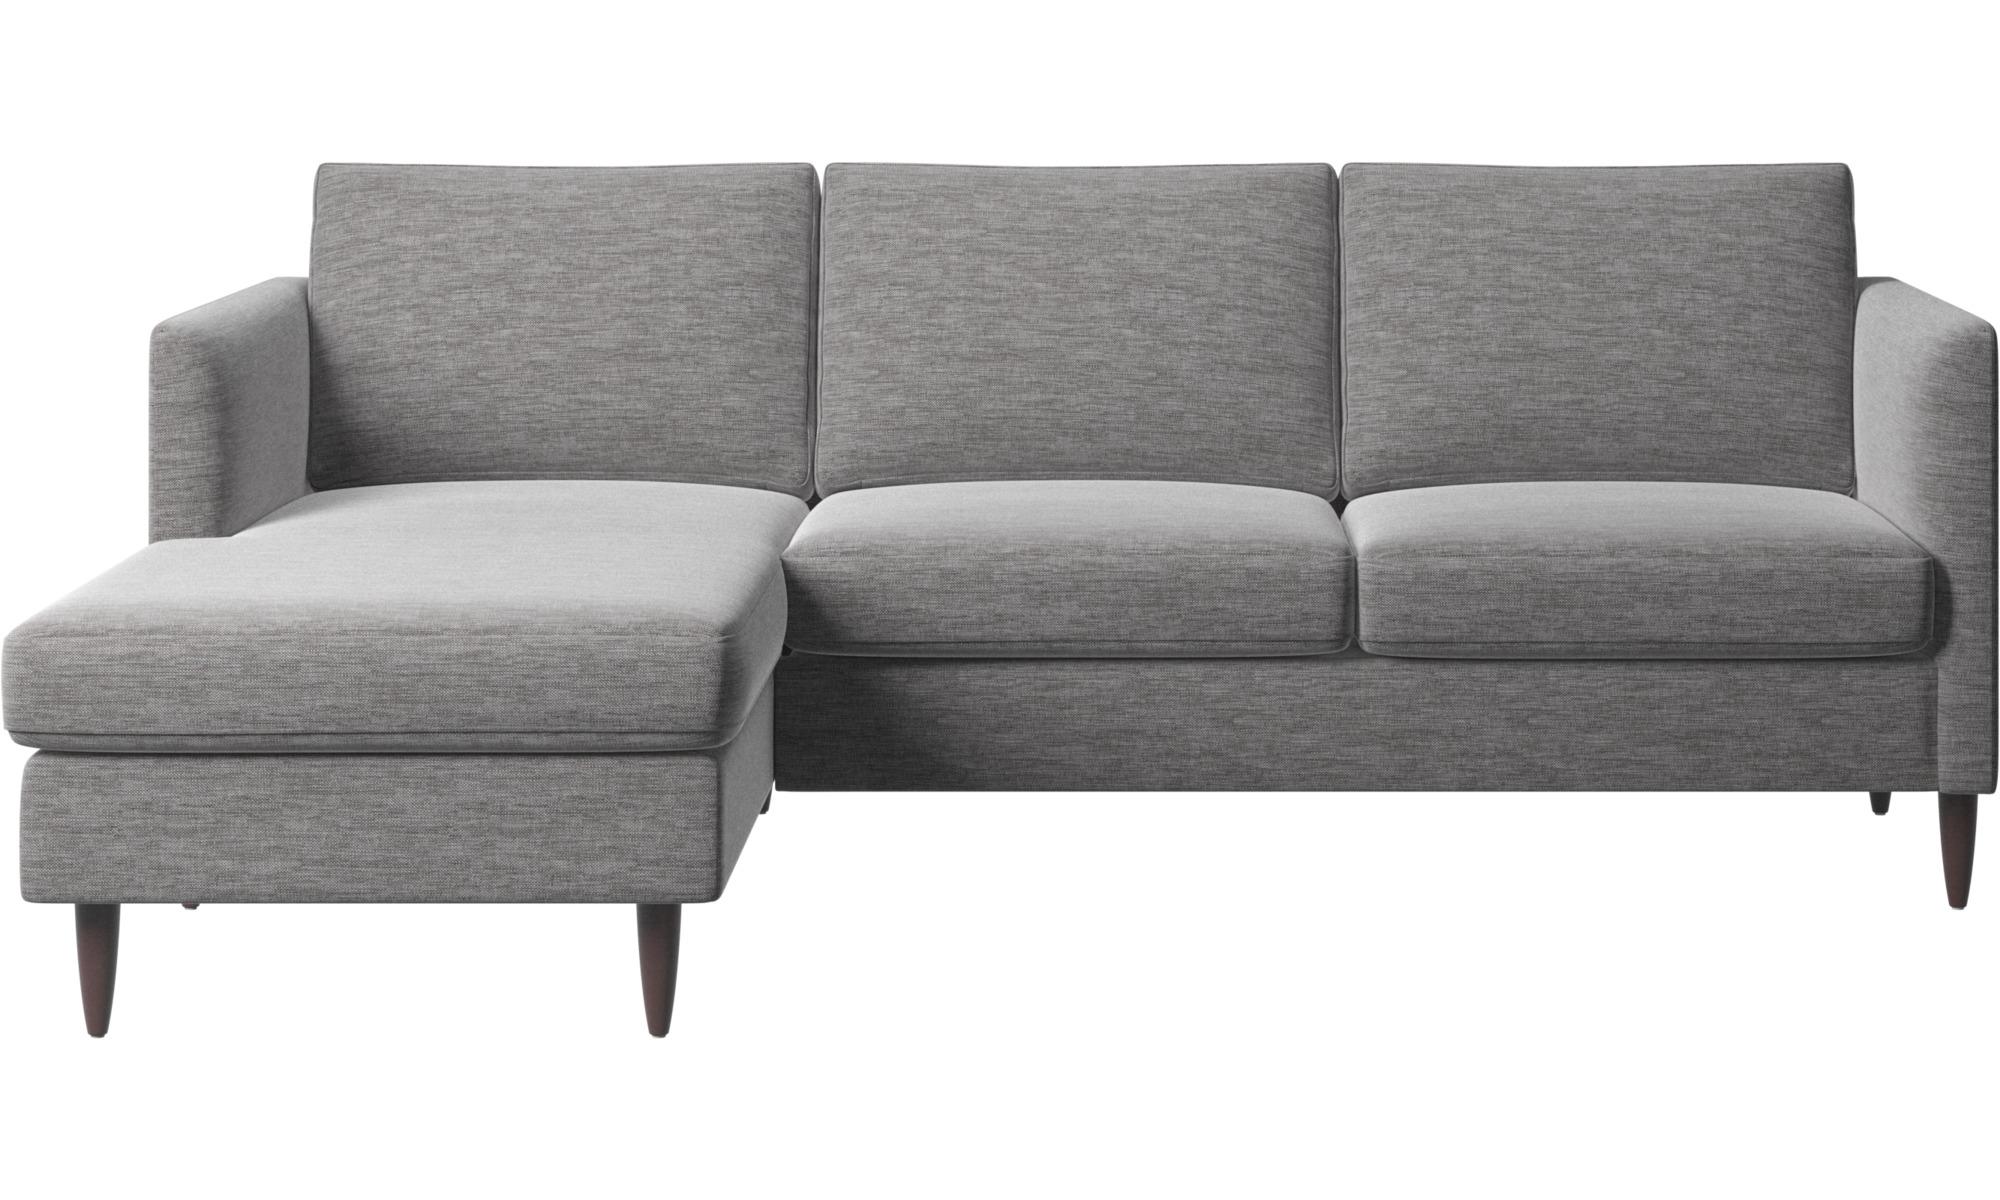 Sofaer med chaiselong - Indivi sofa med hvilemodul - Grå - Stof